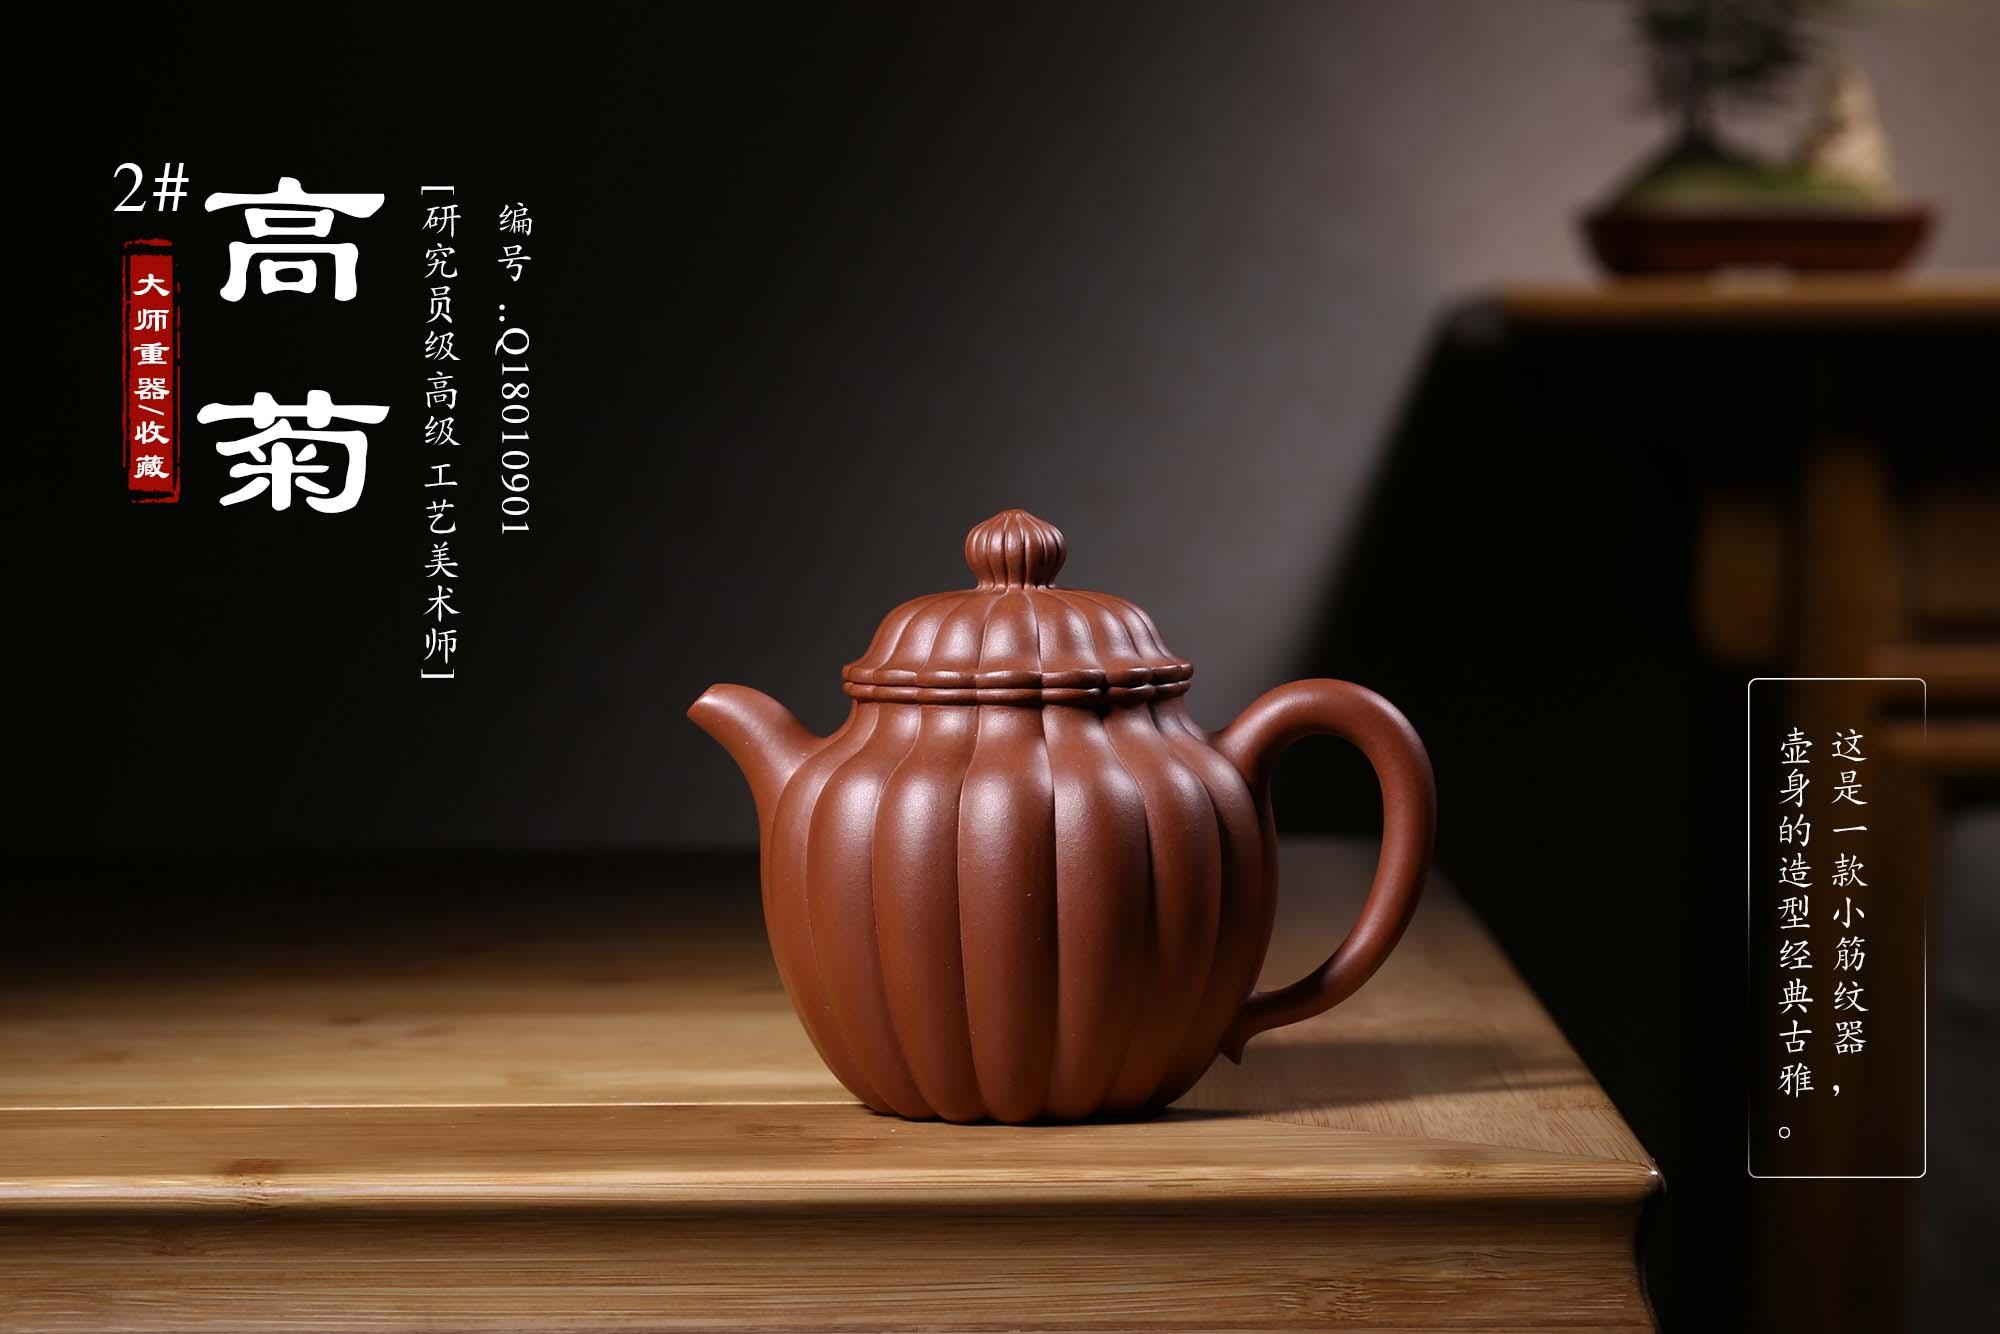 挑选紫砂壶不可忽视的细节